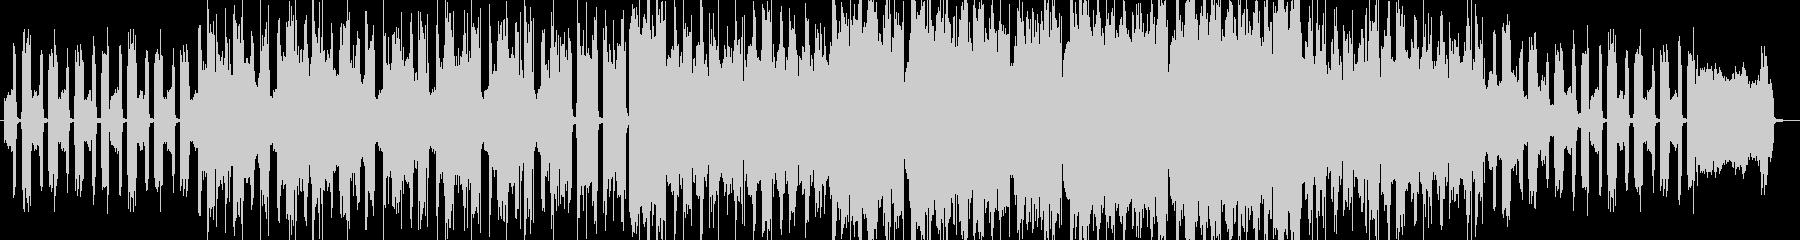 アコーディオン、怪しい雰囲気のBGMの未再生の波形